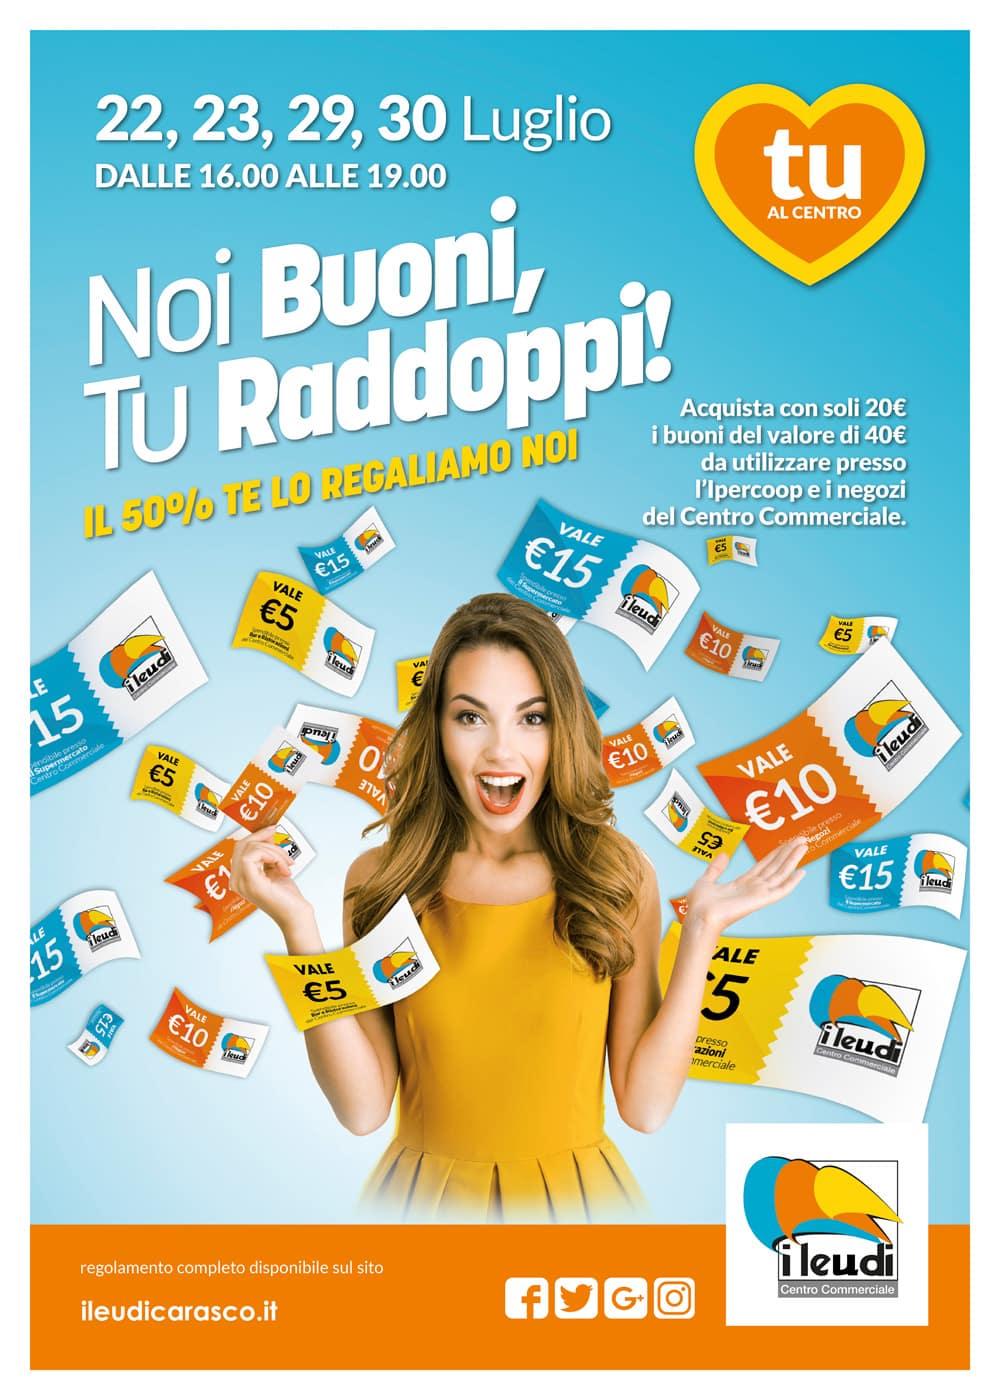 1000x1400pxsito_app_leudi_campagnabuoni